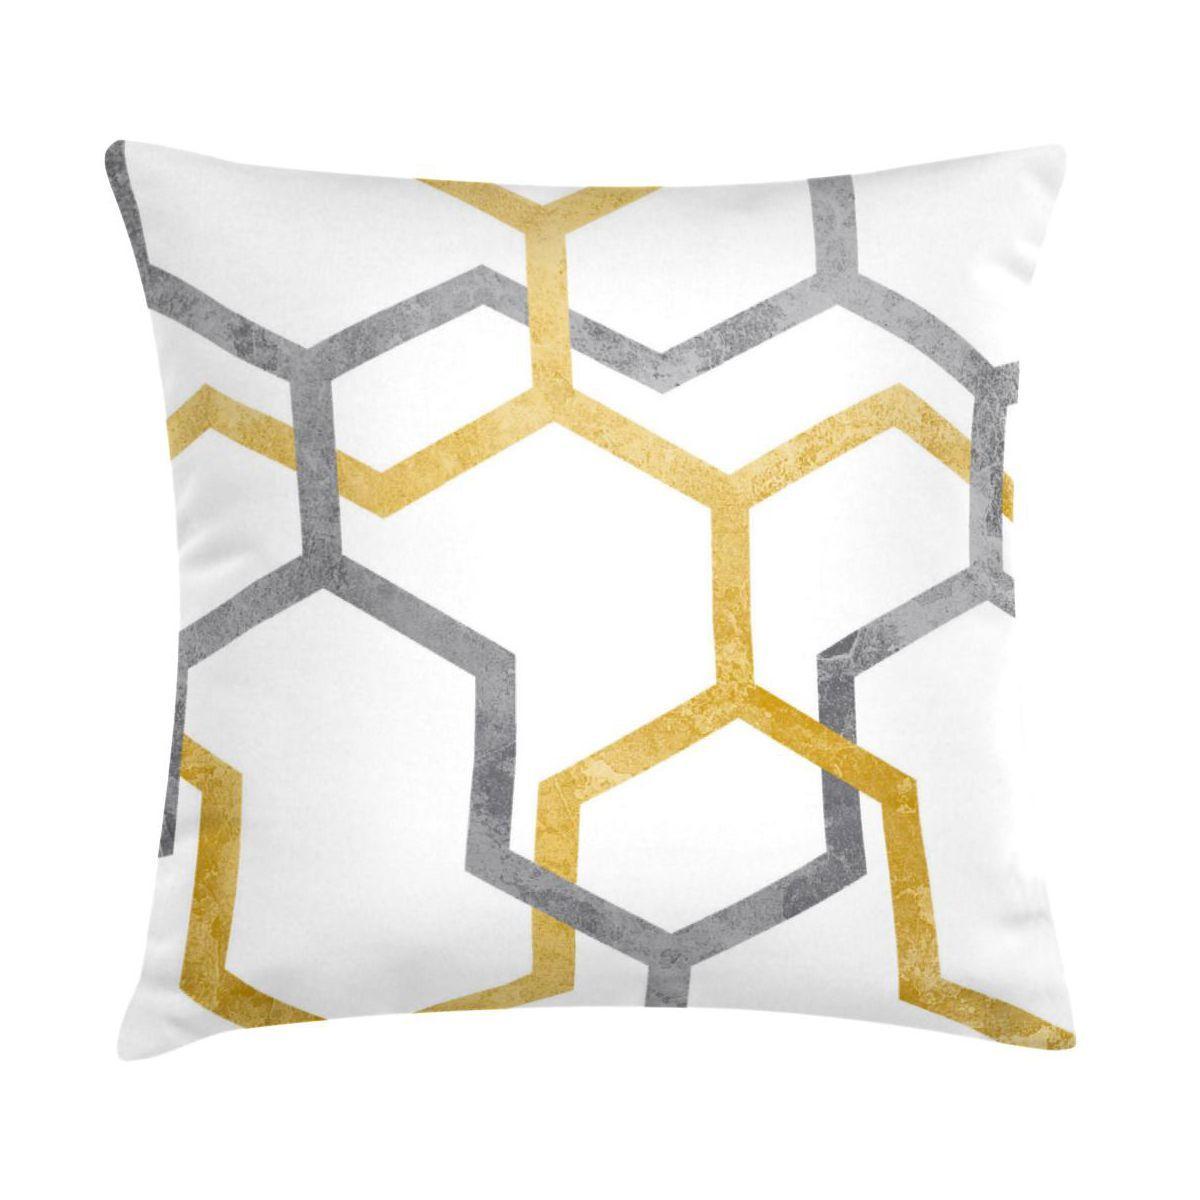 Poduszka Rowan żółta 45 X 45 Cm Poduszki Dekoracyjne W